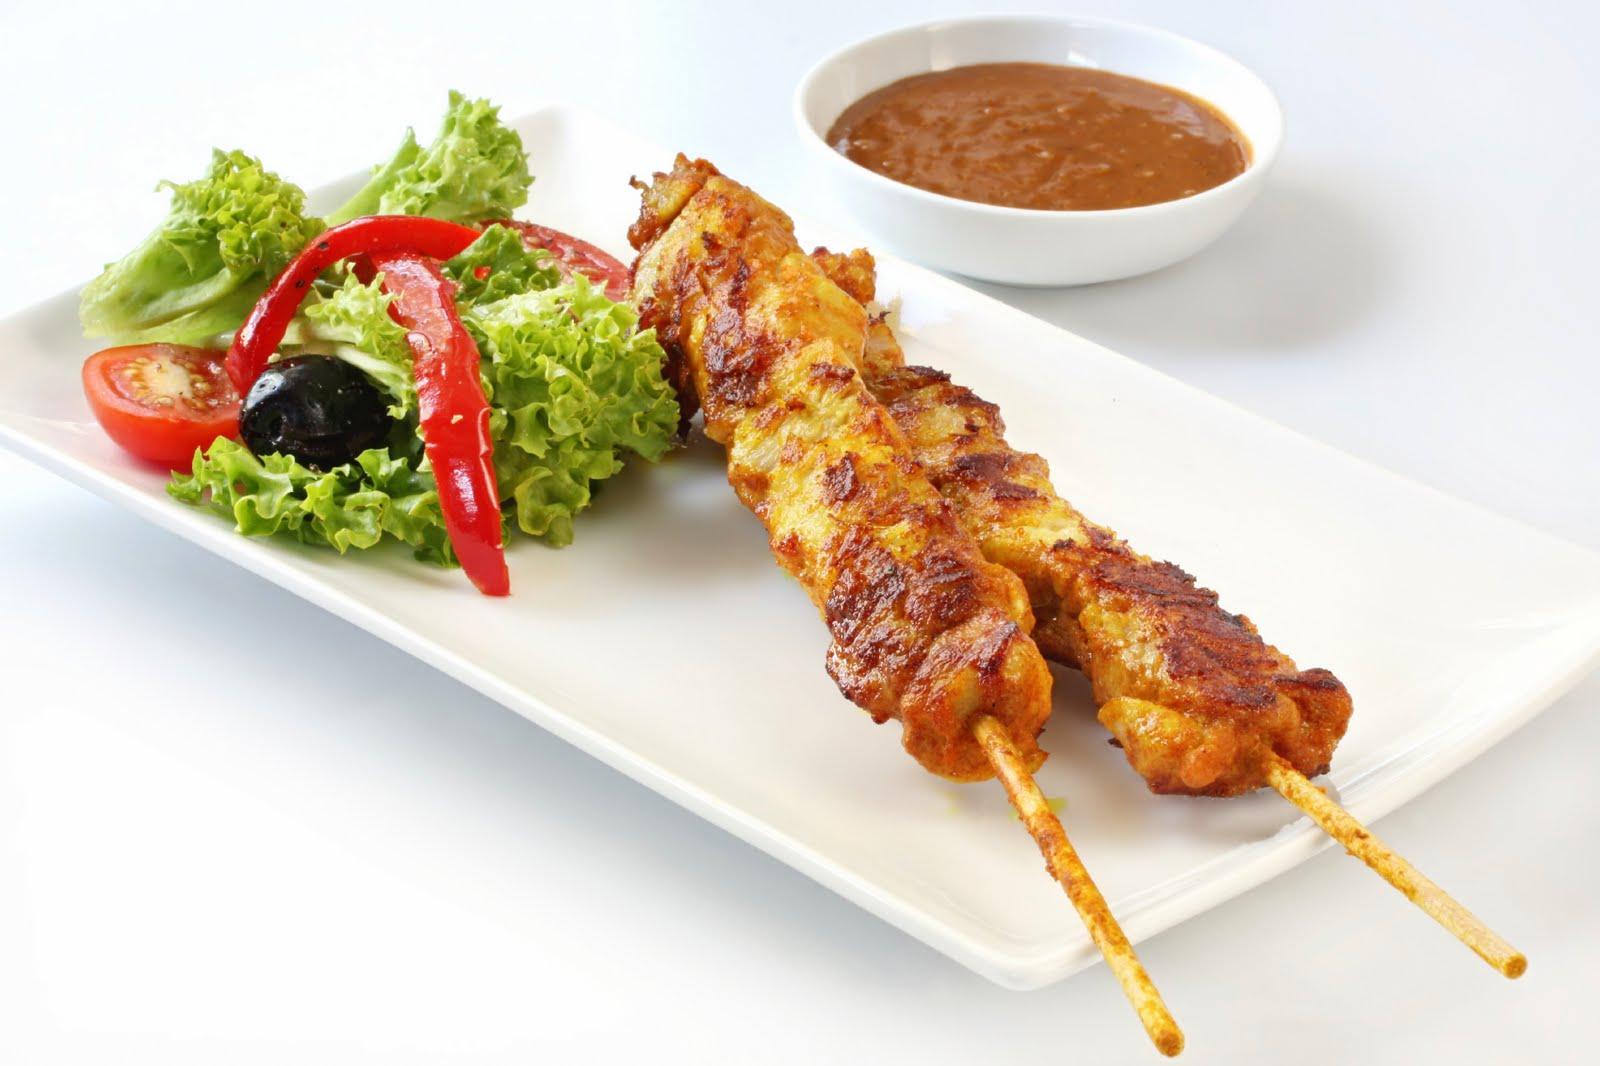 Thai Peanut Garlic Chicken Skewers Recipe By GarLicIt